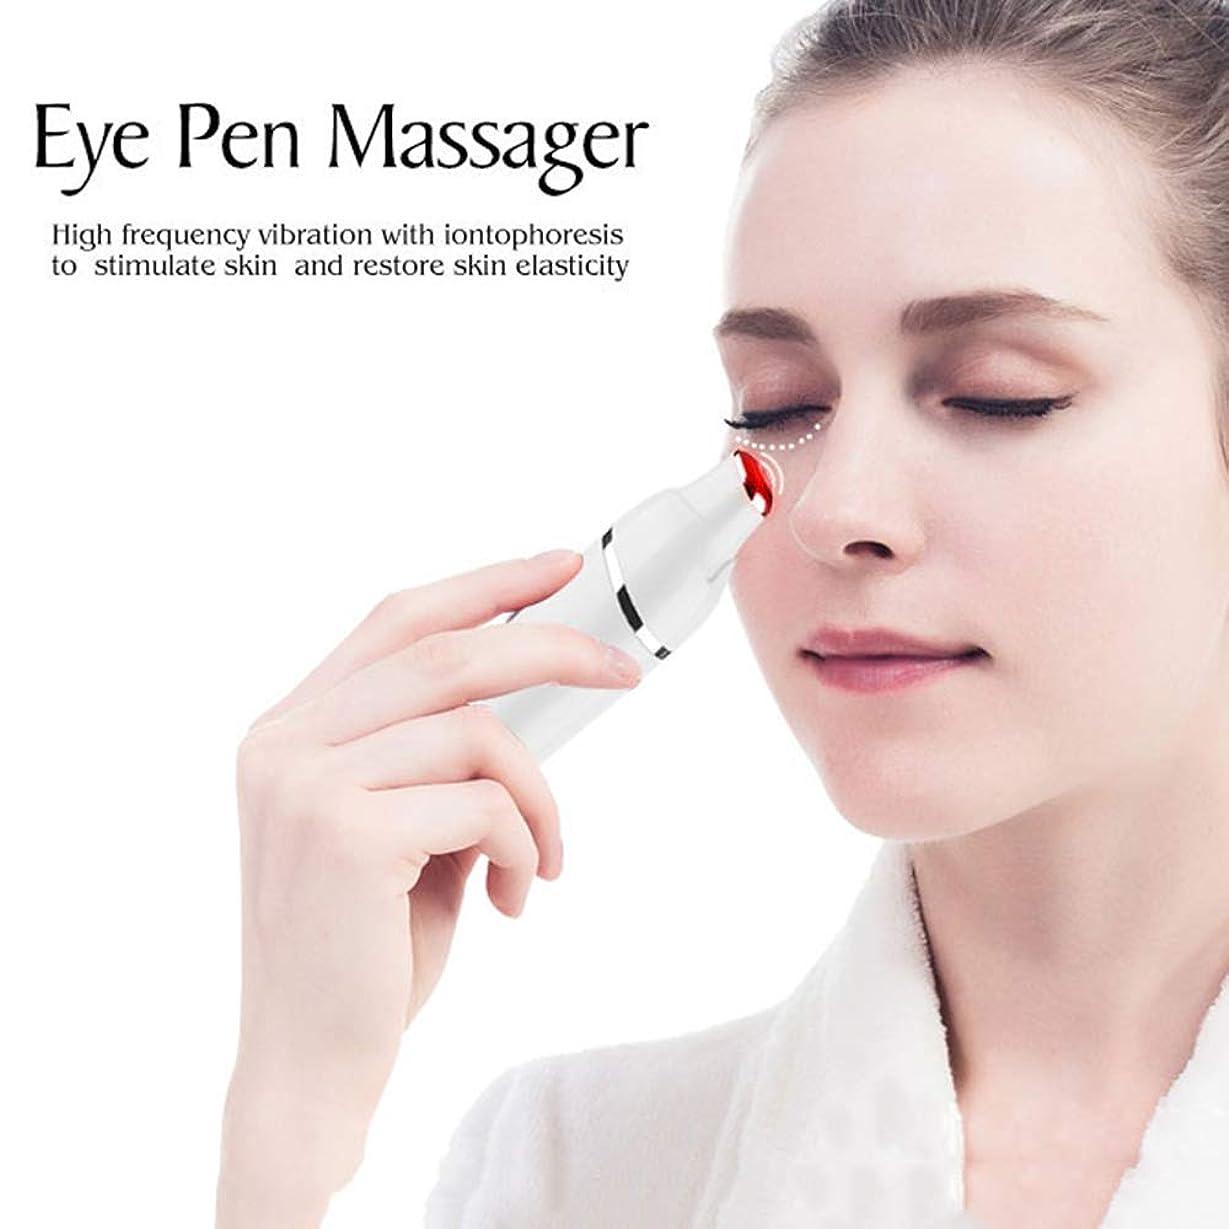 付録望みコインソニックアイマッサージャー、目の疲れのための42℃加熱治療用ワンド、アイクリームを効果的に促進するためのアニオンの輸入